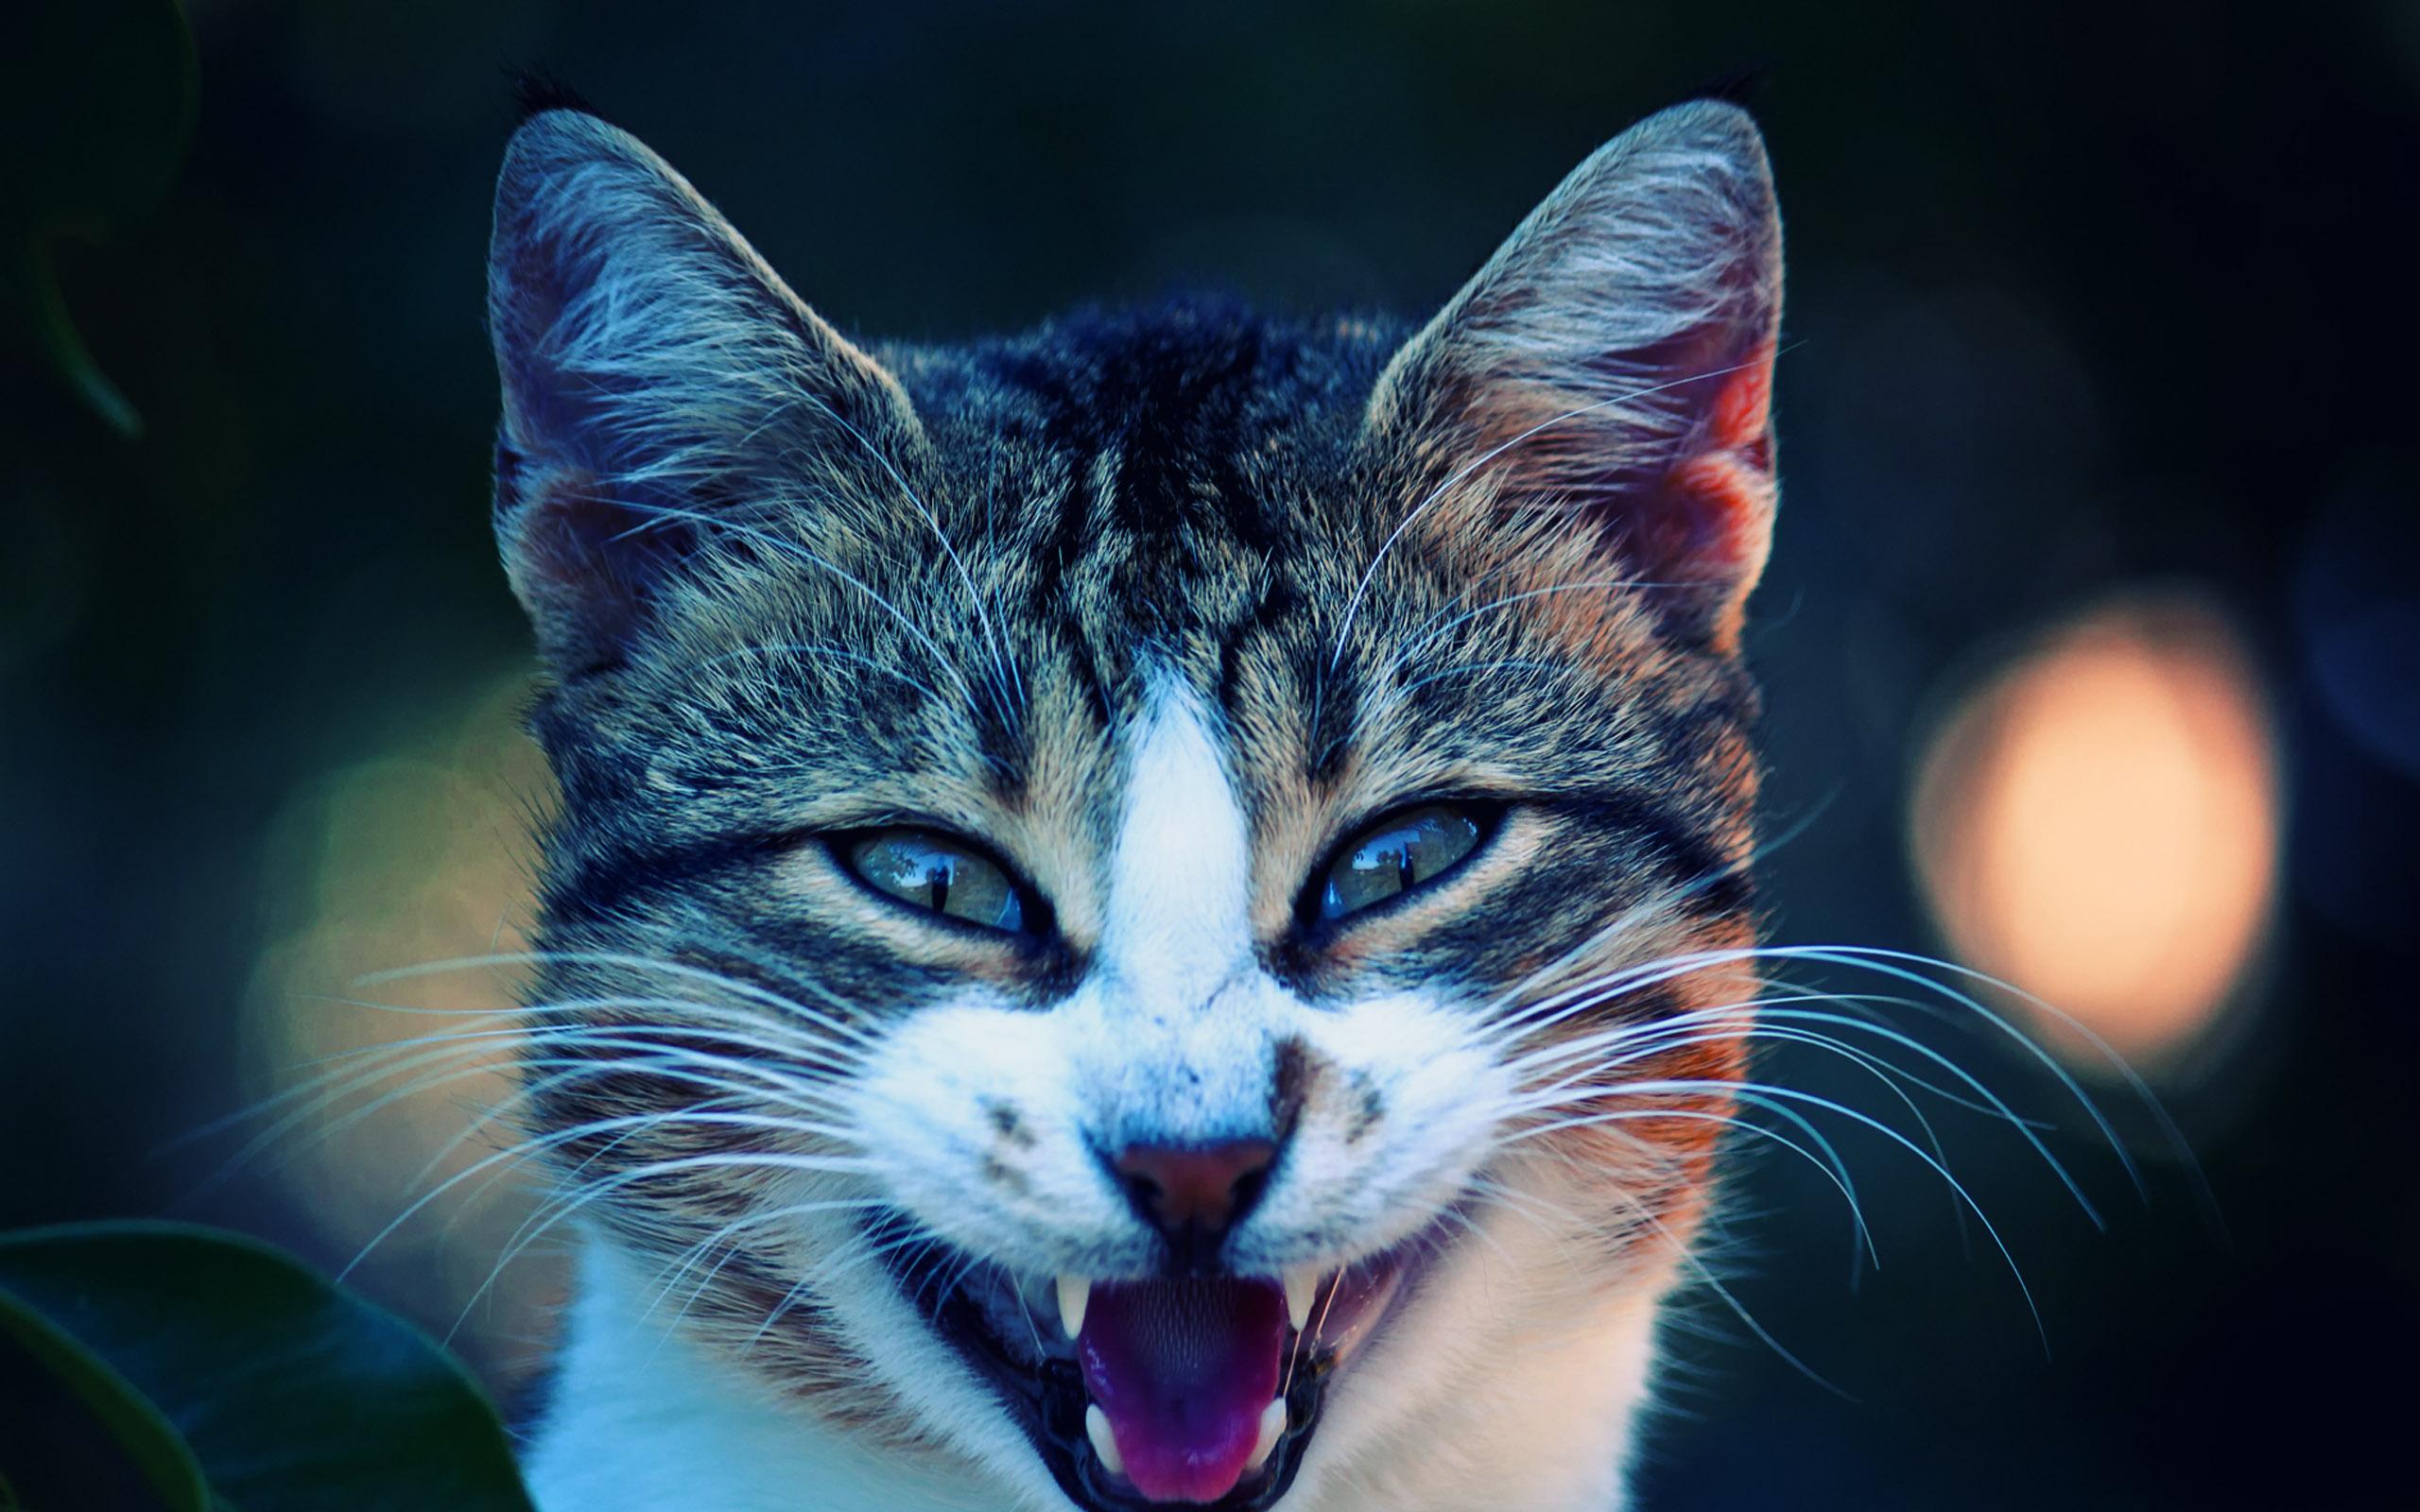 Cool Cat Hd Wallpaper Wallpapersafari